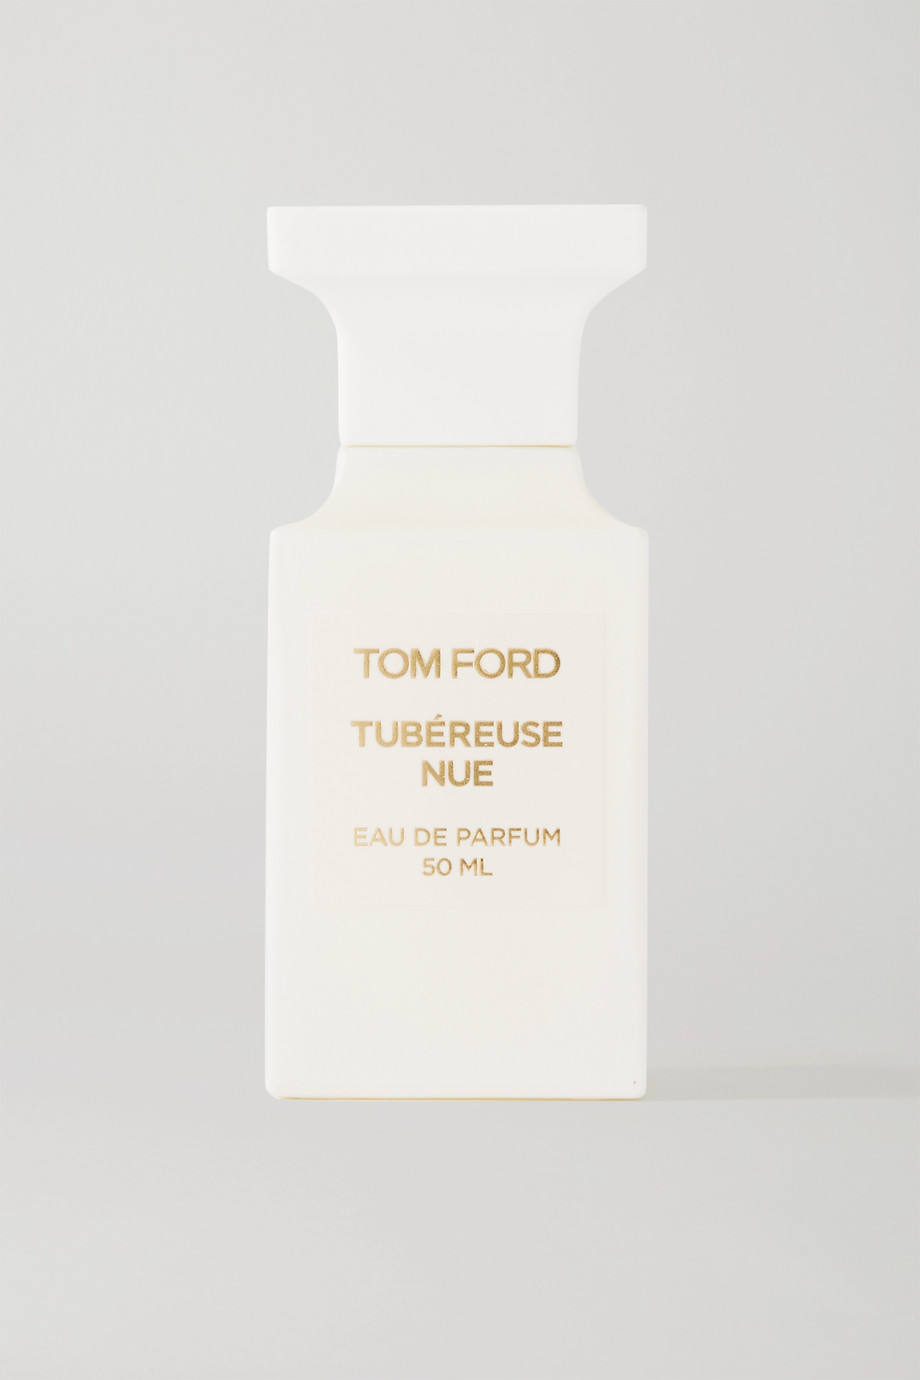 TOM FORD BEAUTY Eau de Parfum - Tubéreuse Nue, 50ml